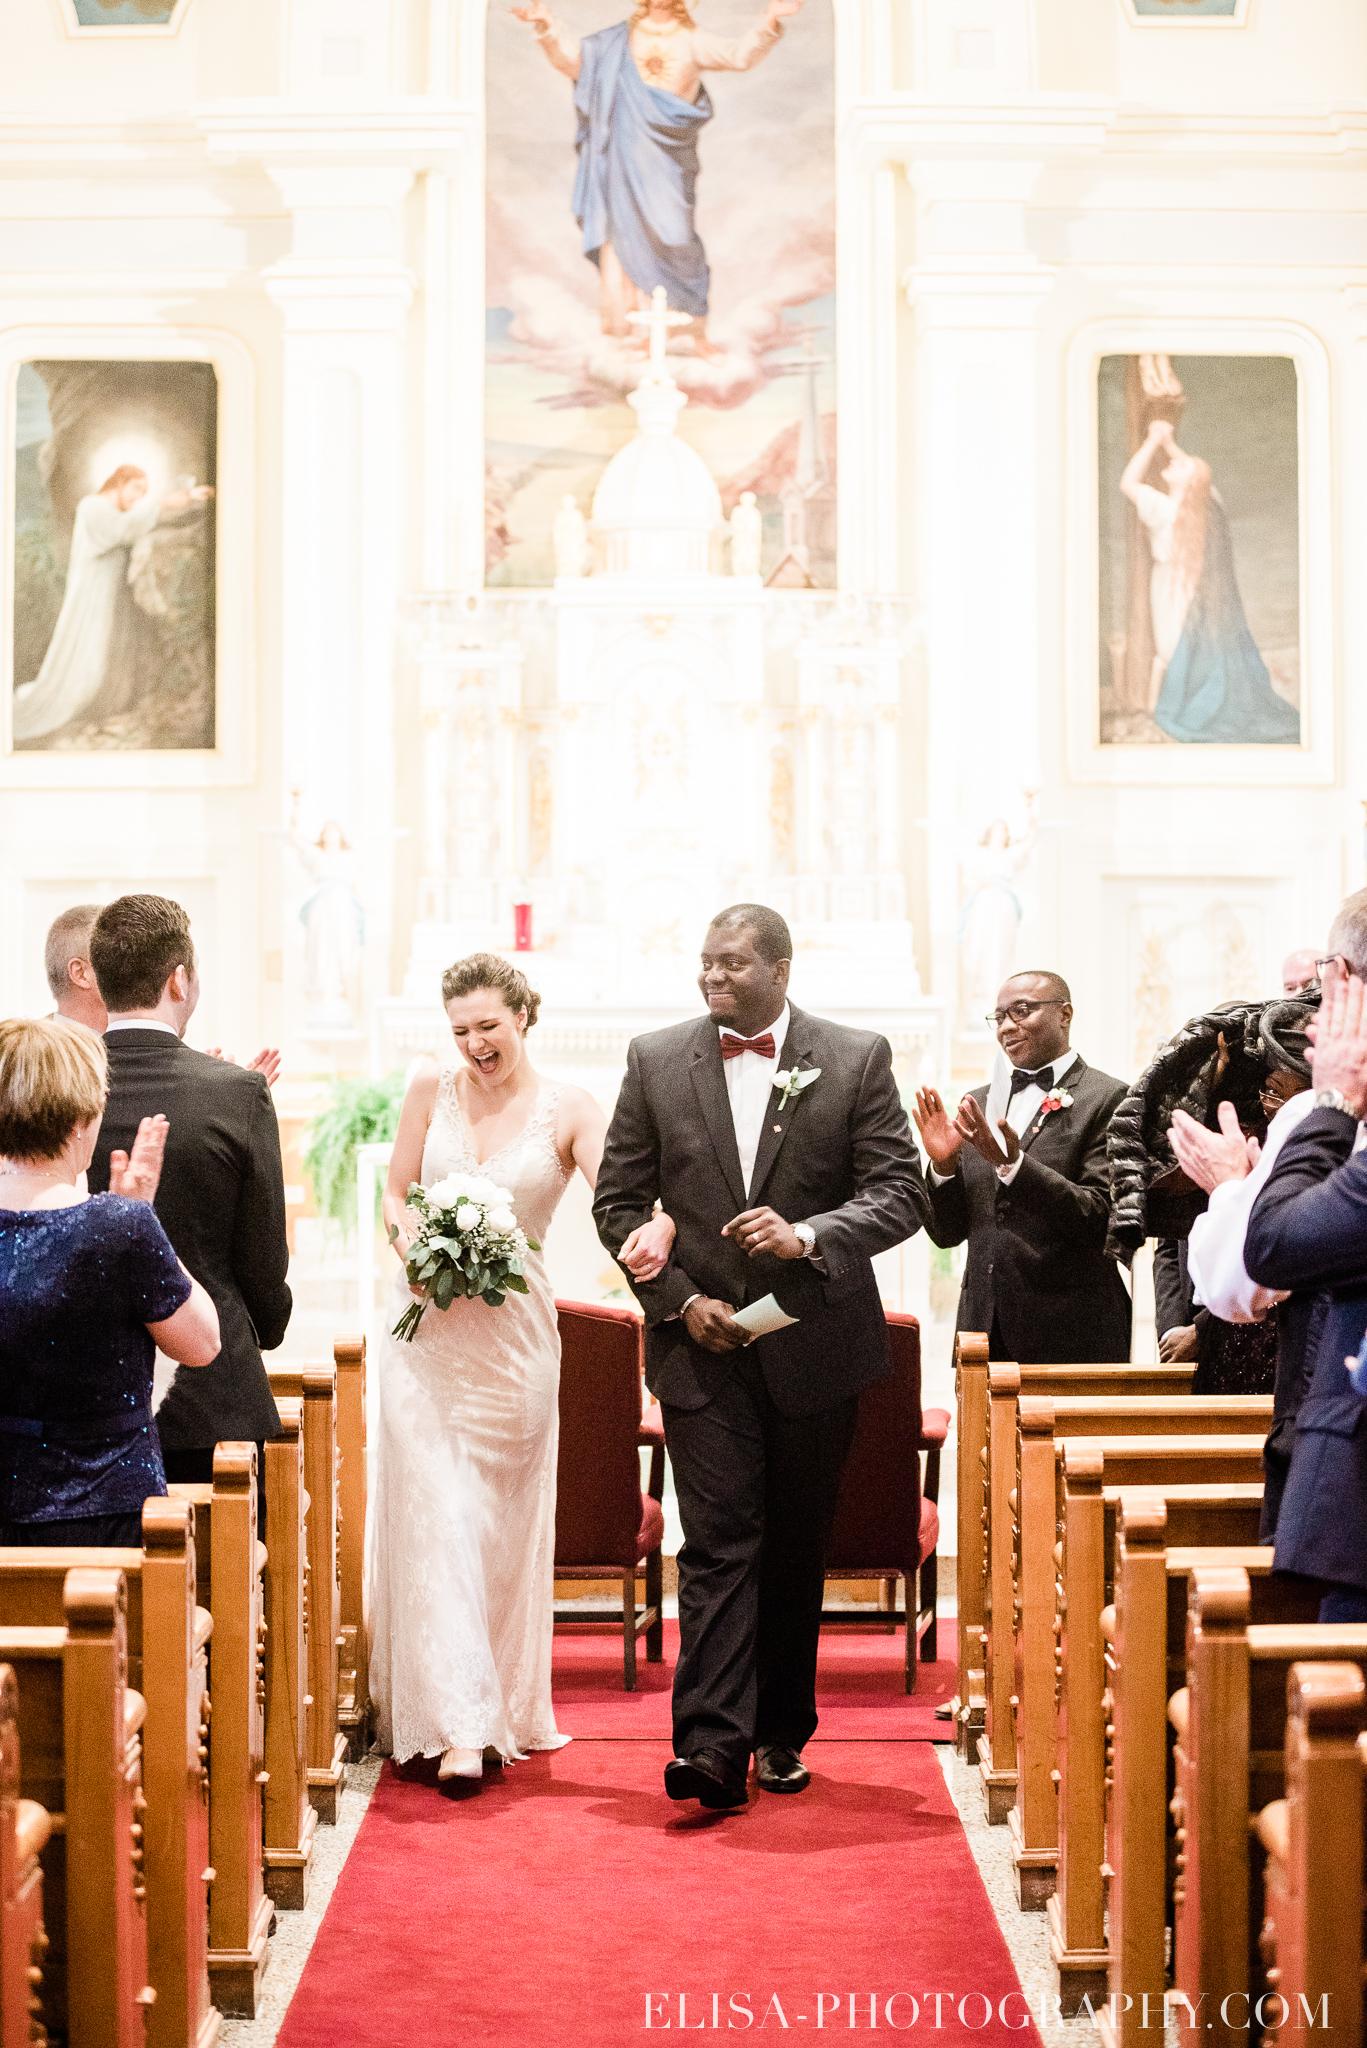 photo mariage ville quebec automne ceremonie eglise de cap rouge 7956 - Mariage au Golf de Cap-Rouge, ville de Québec: Stéphanie & William